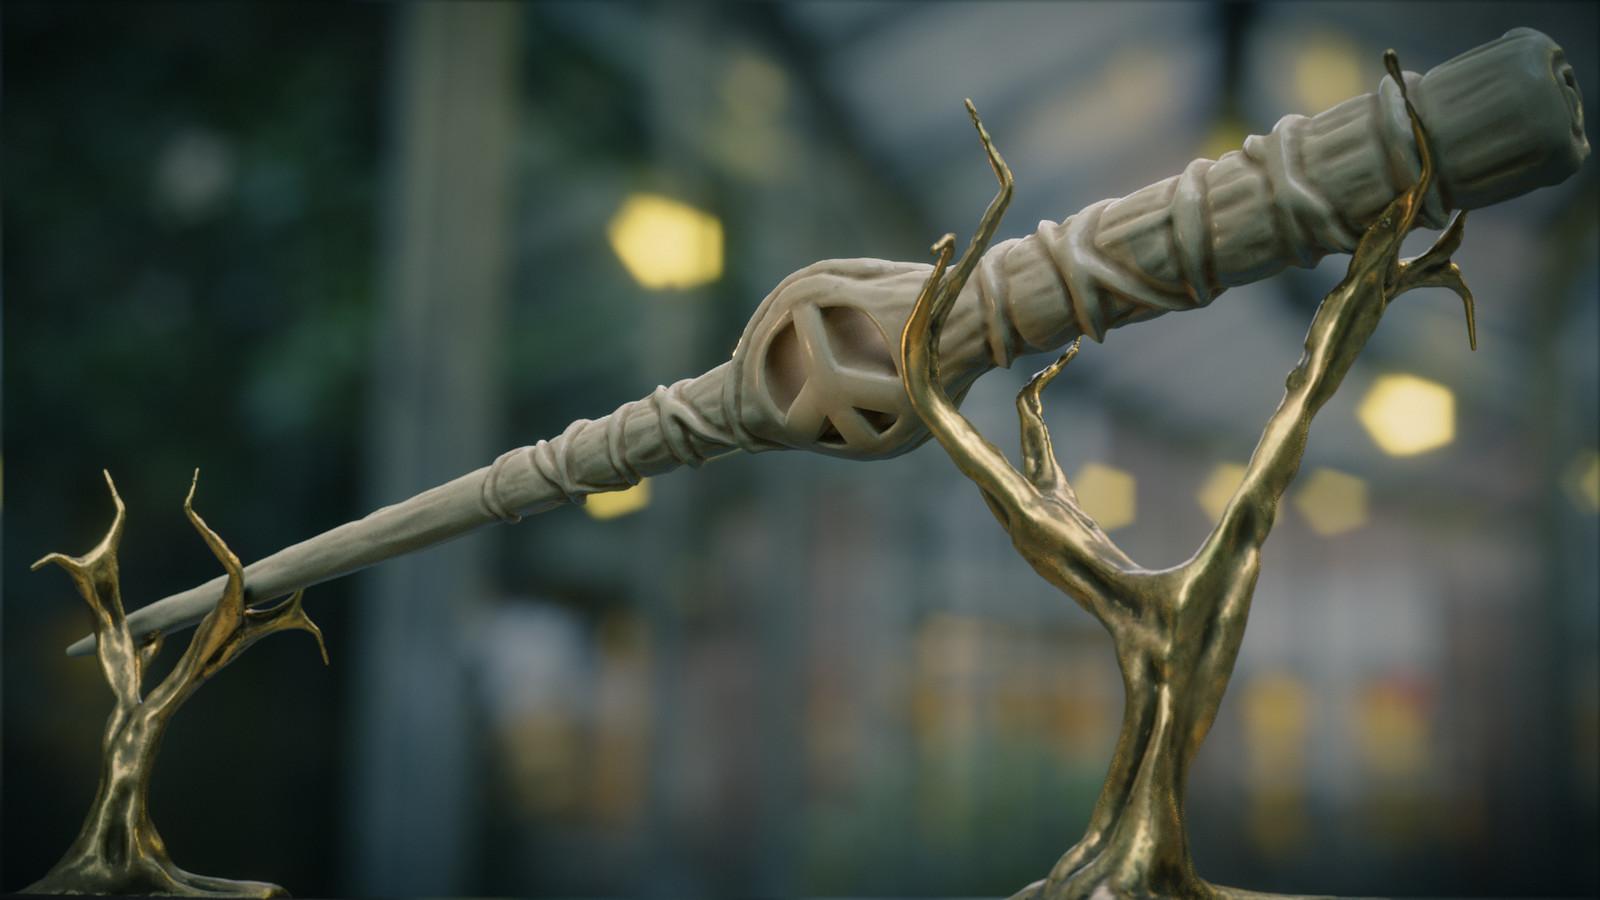 Magic wand of peace